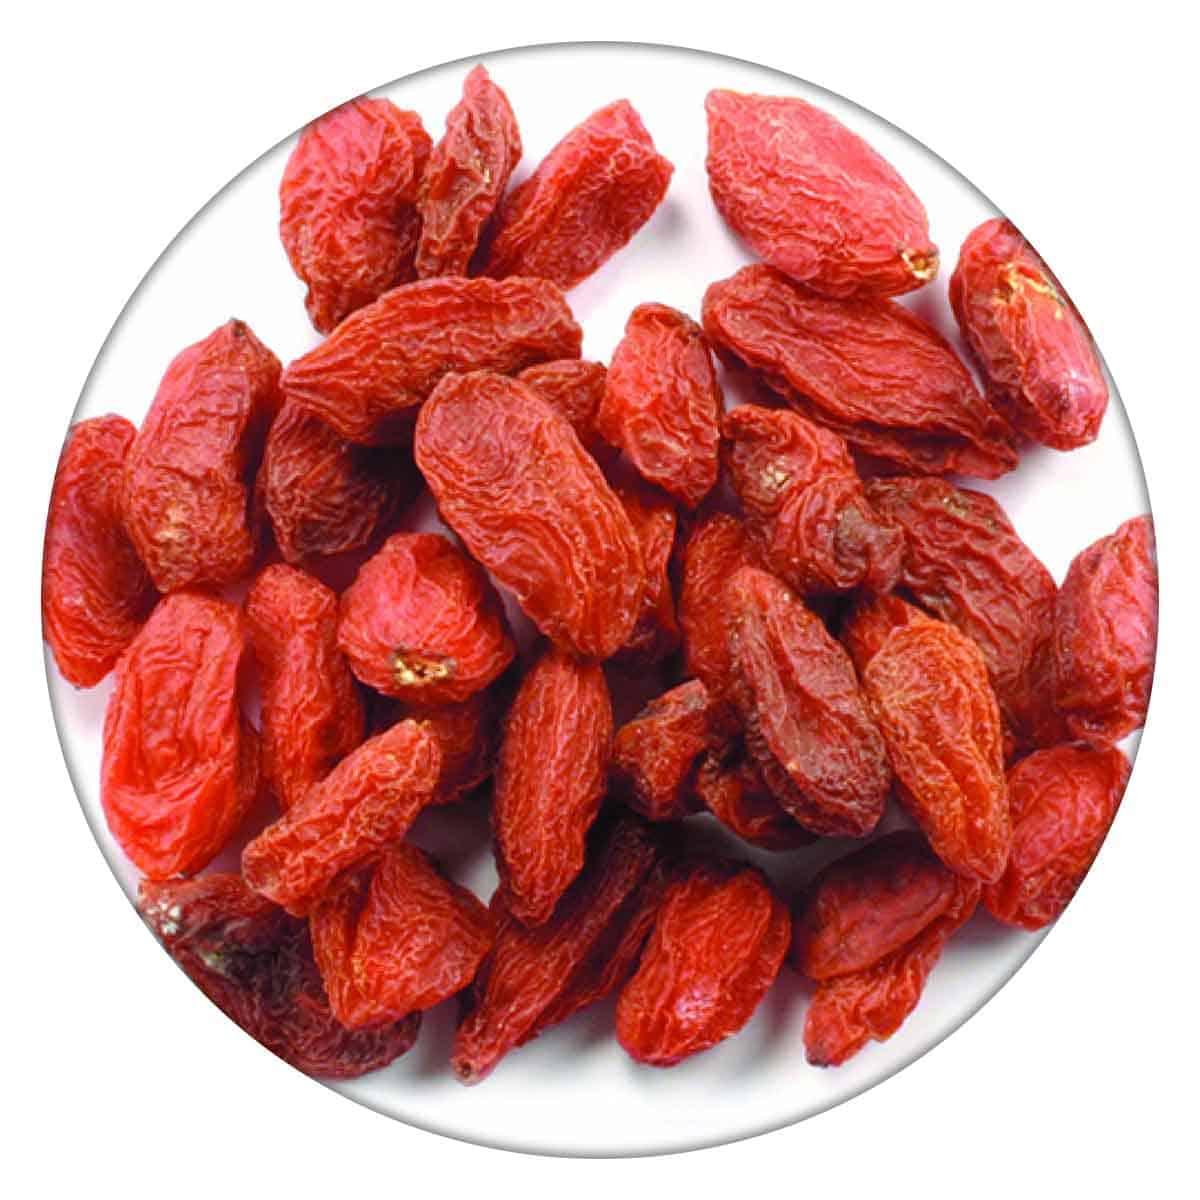 Buy IAG Foods Dried Goji Berries - 1 kg